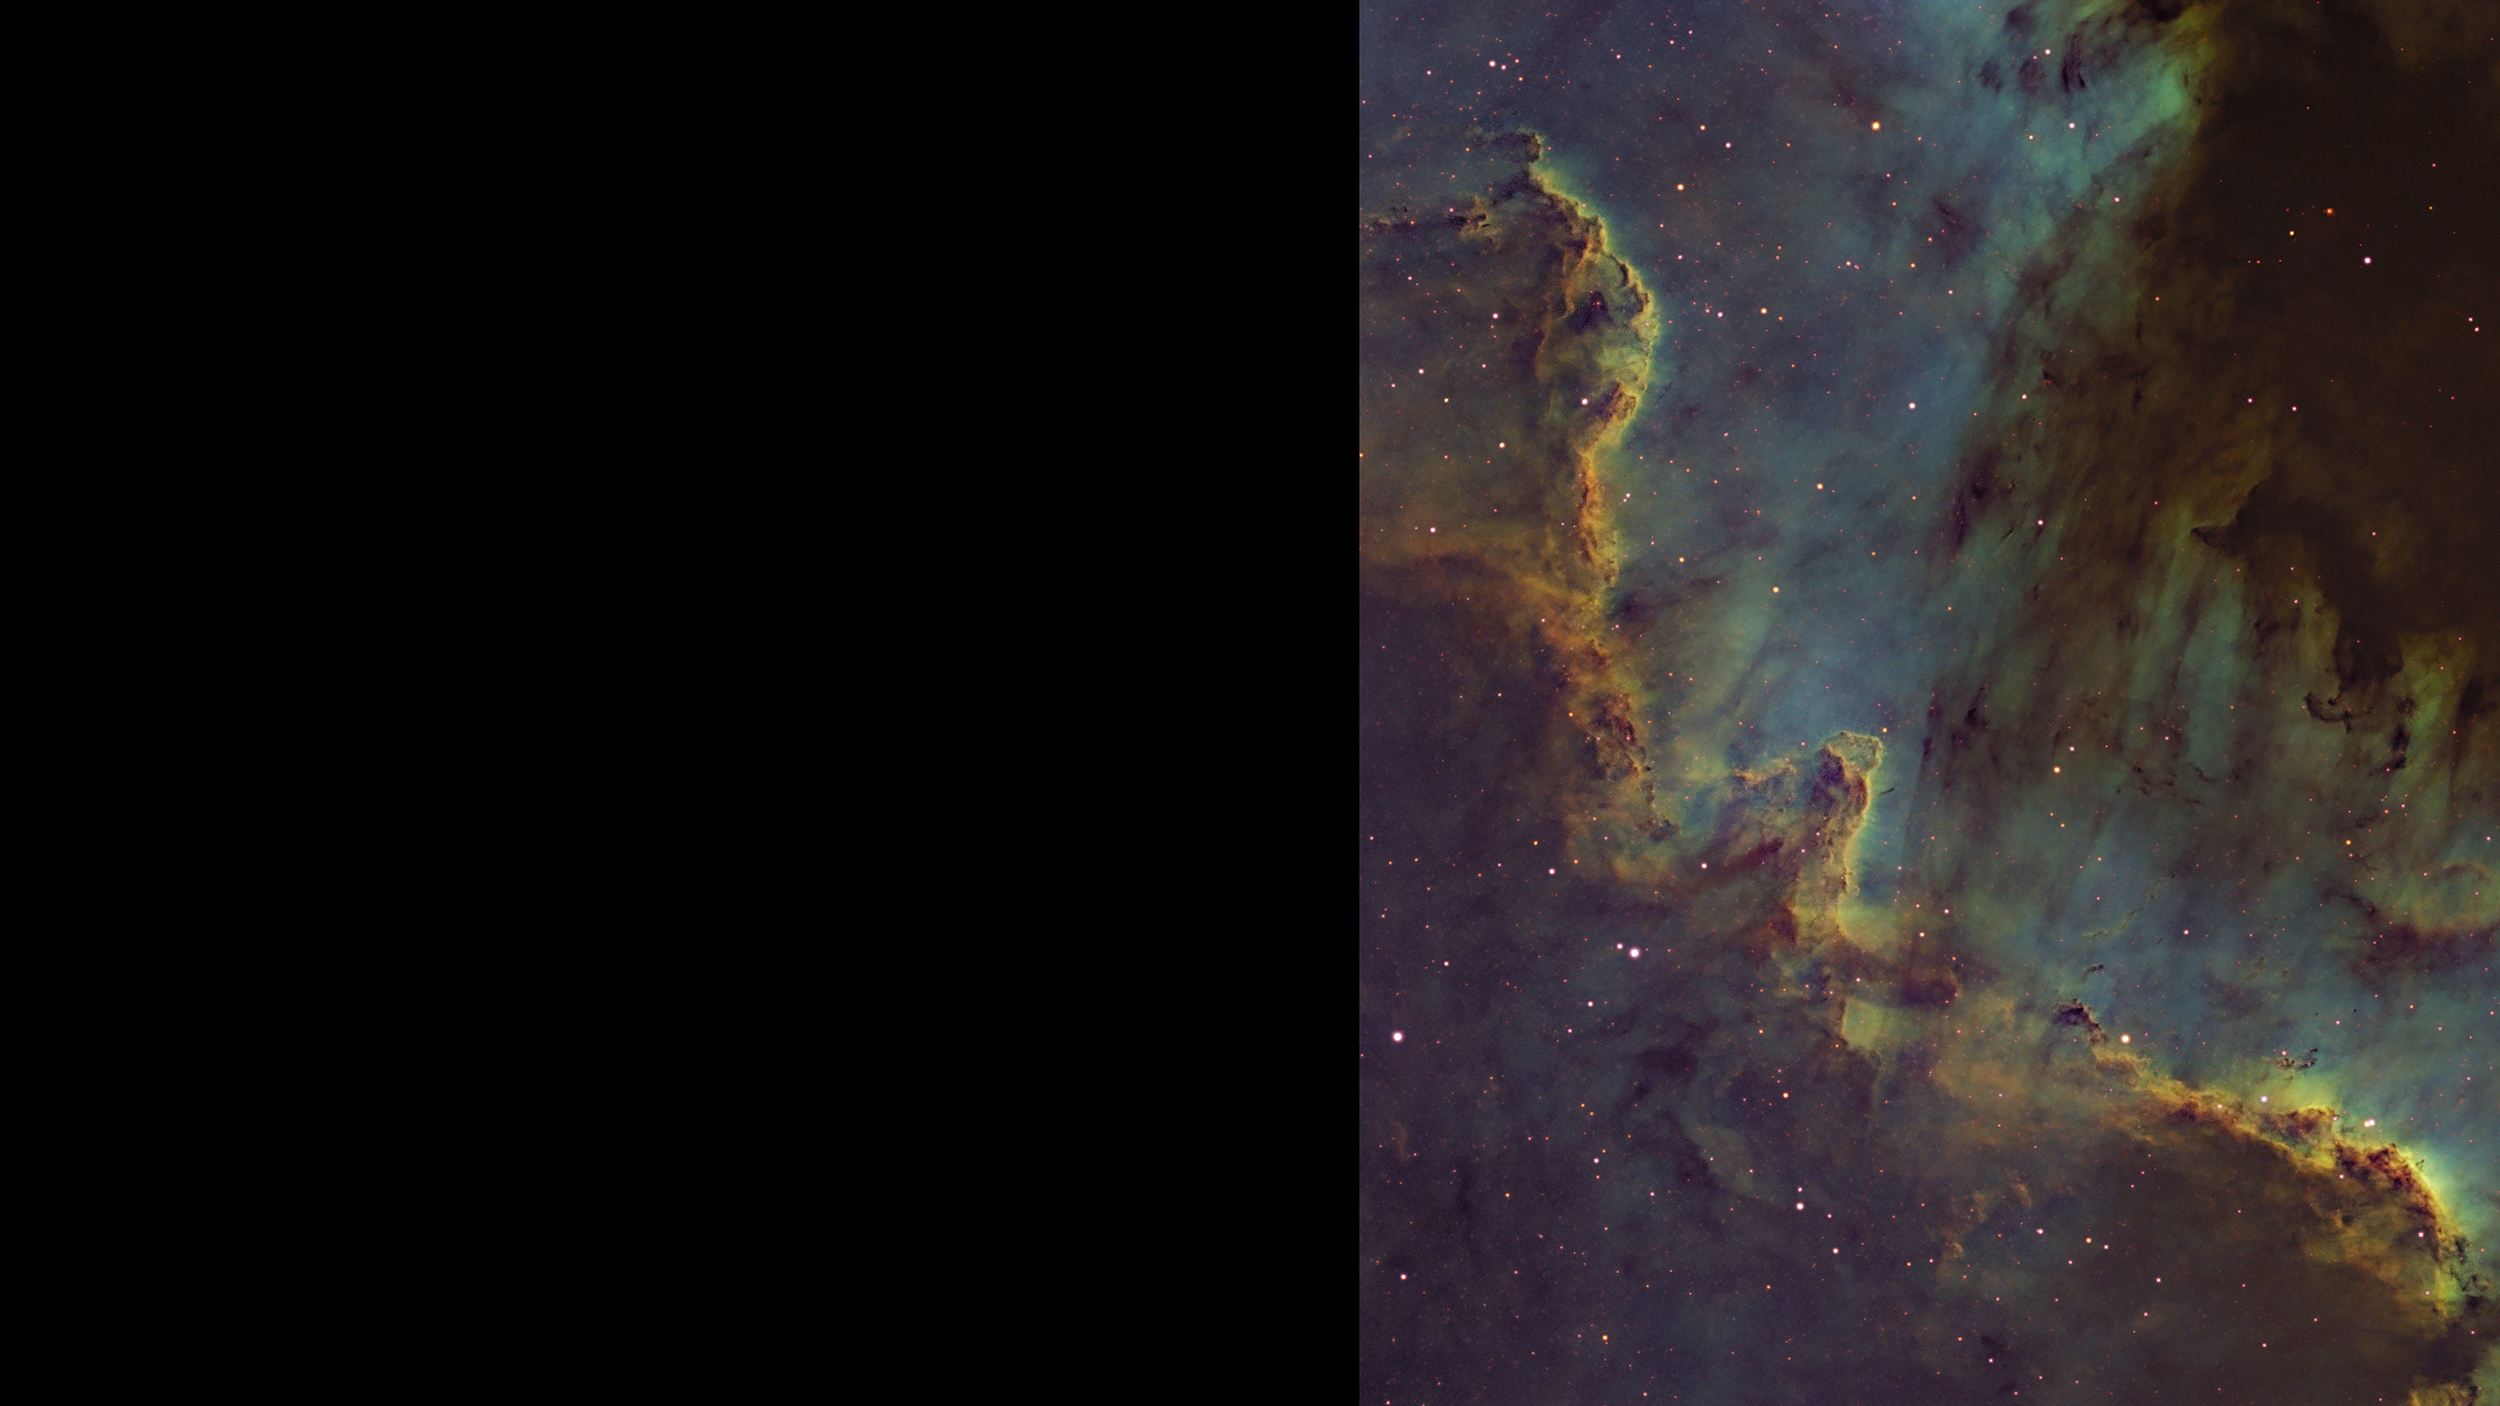 luca fornaciari fotografia astrofotografia e formazione